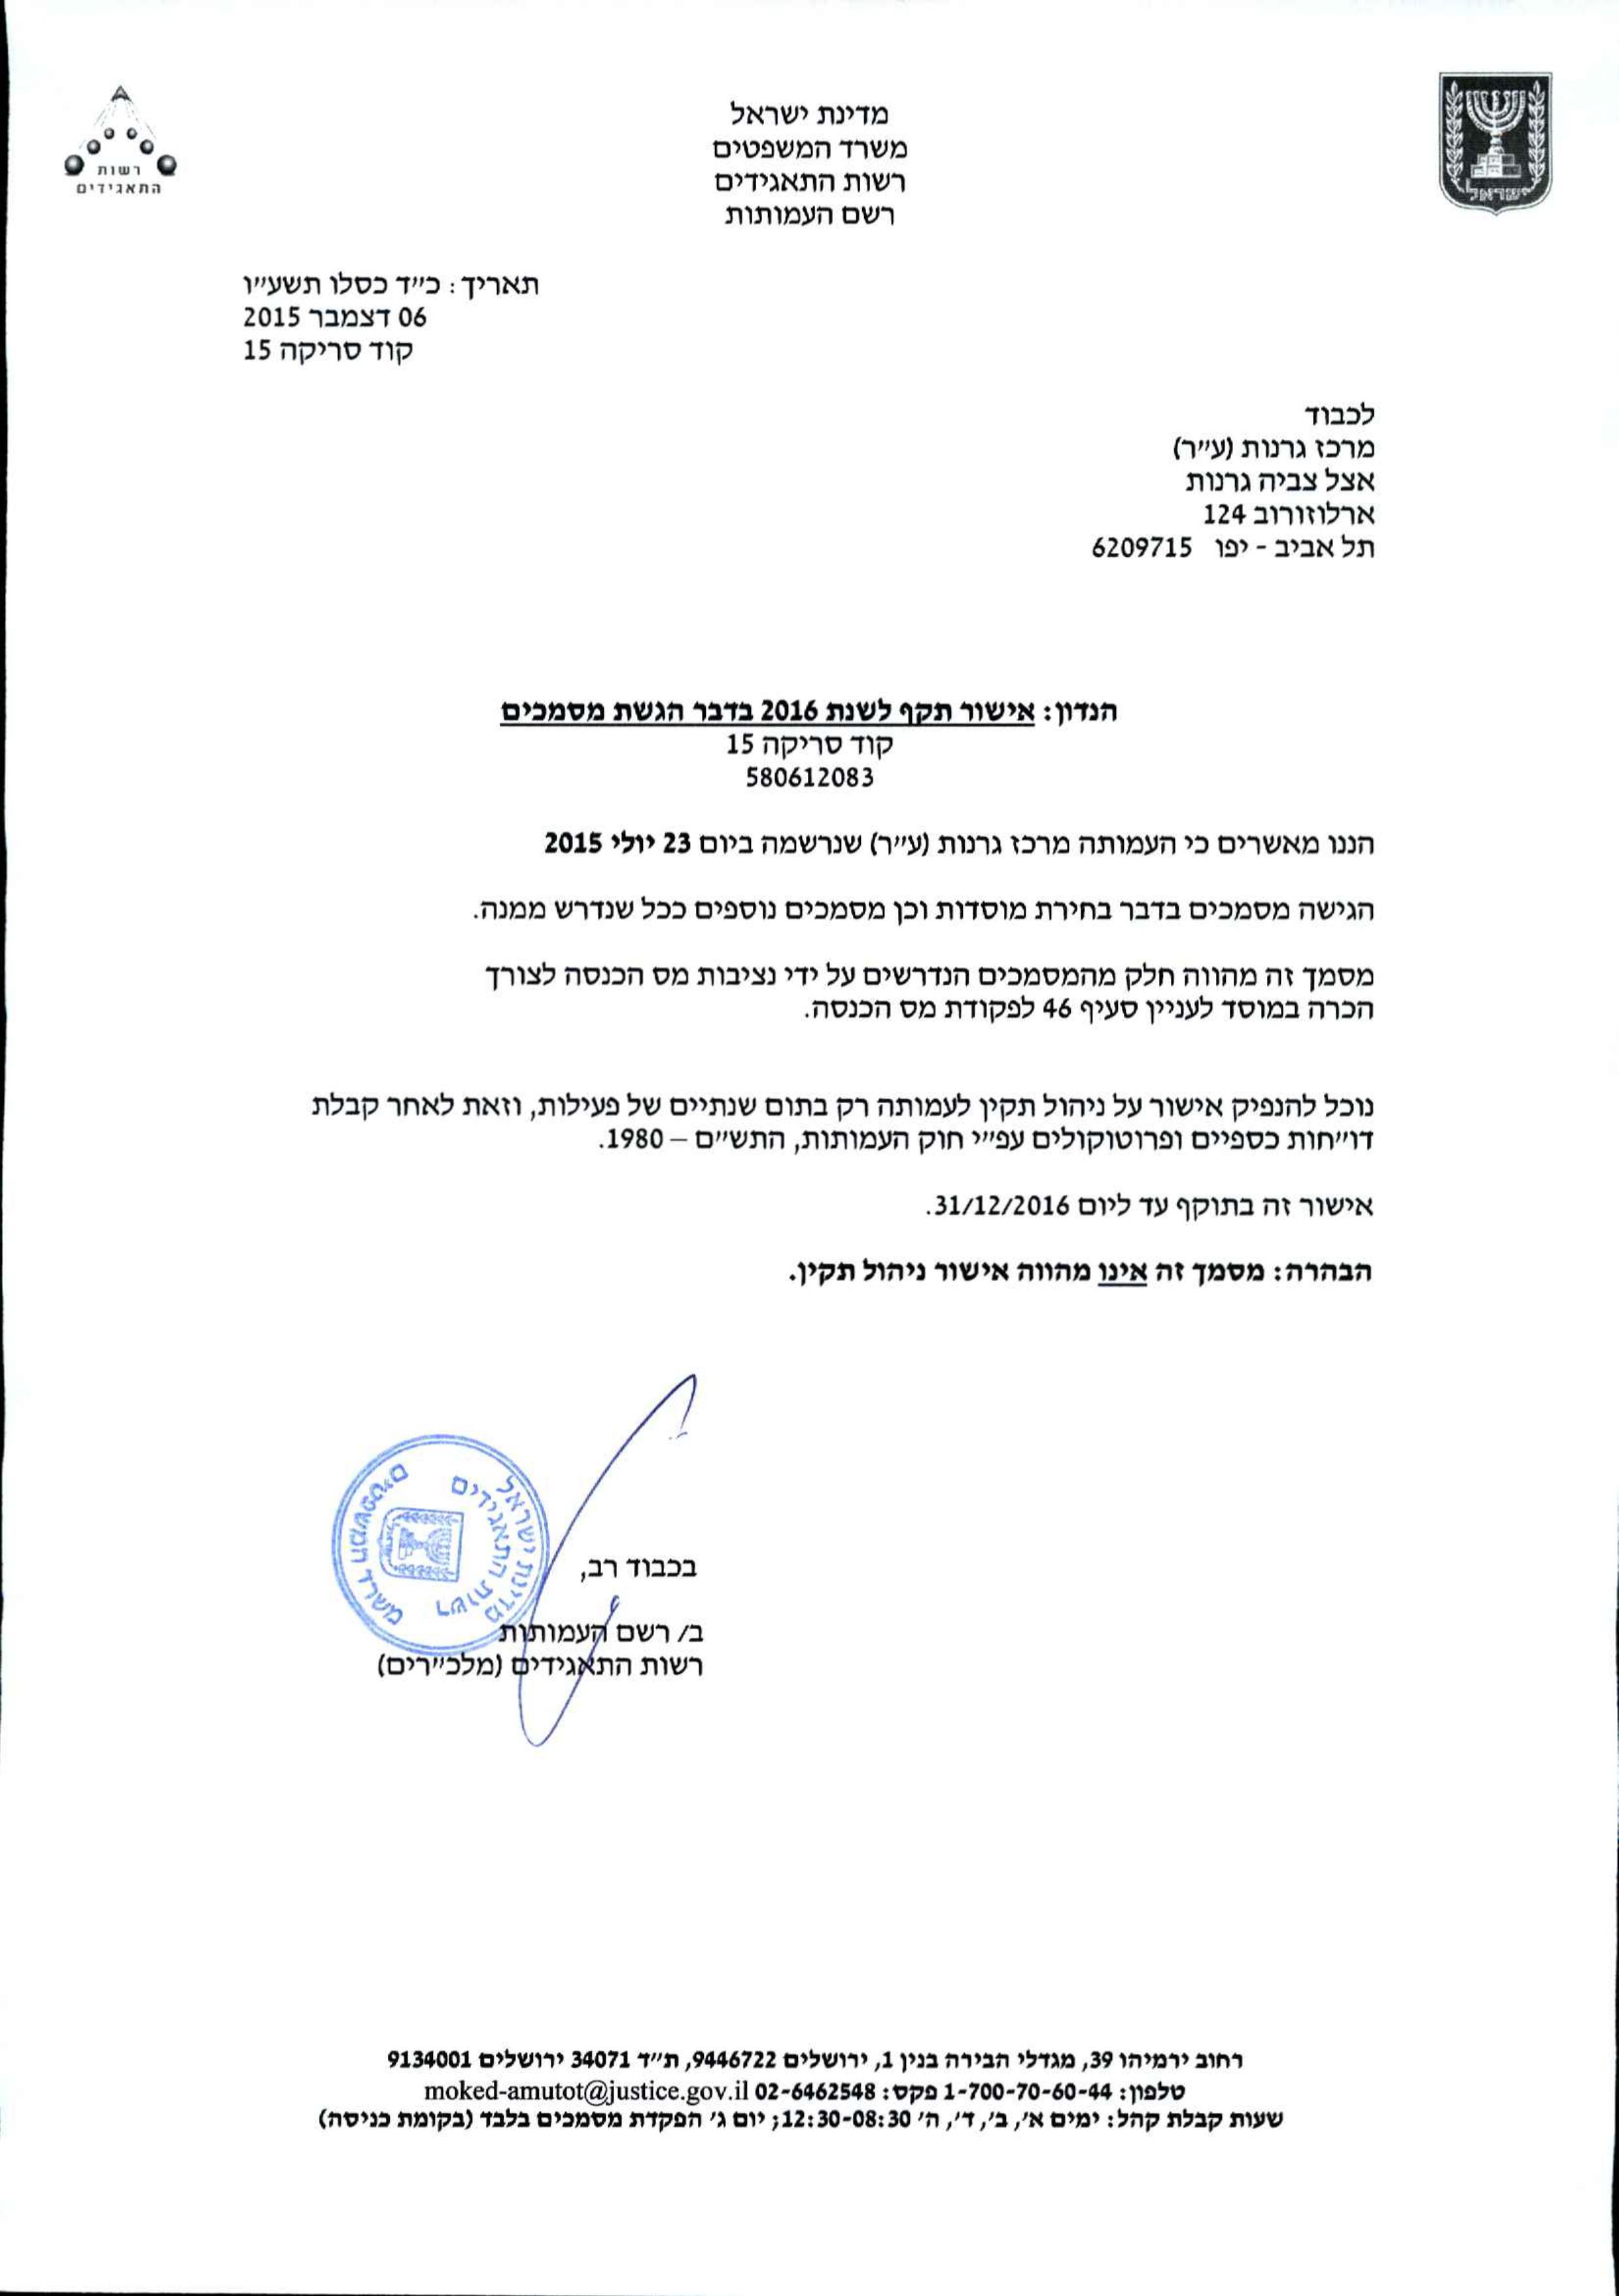 אישור הגשת מסמכים 2016